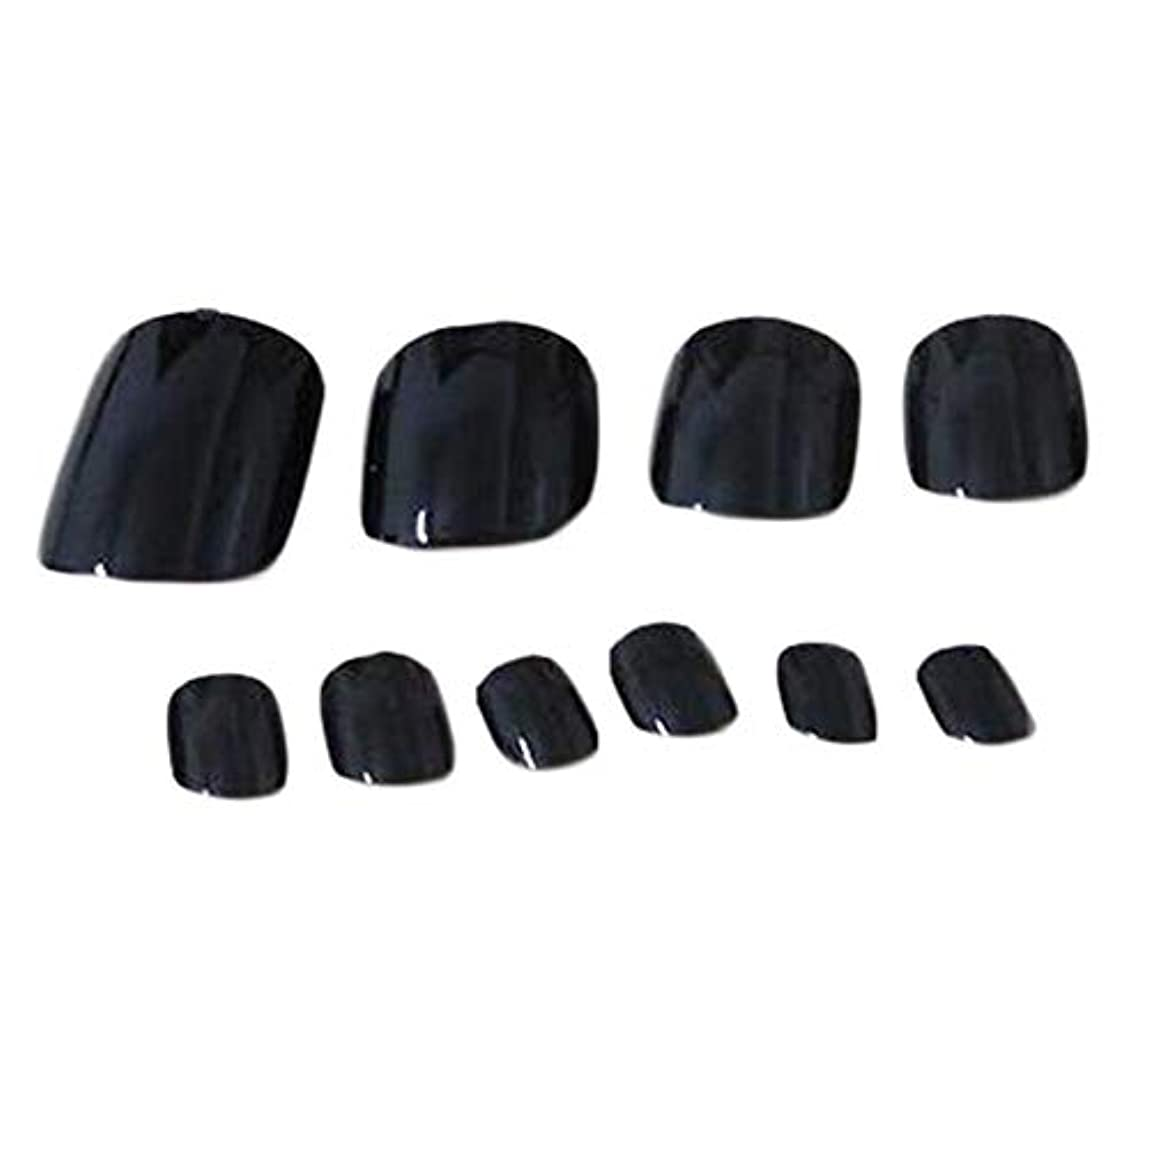 浸透する基本的なパネル1ボックス - 120の人工爪黒偽爪ネイルデコレーション